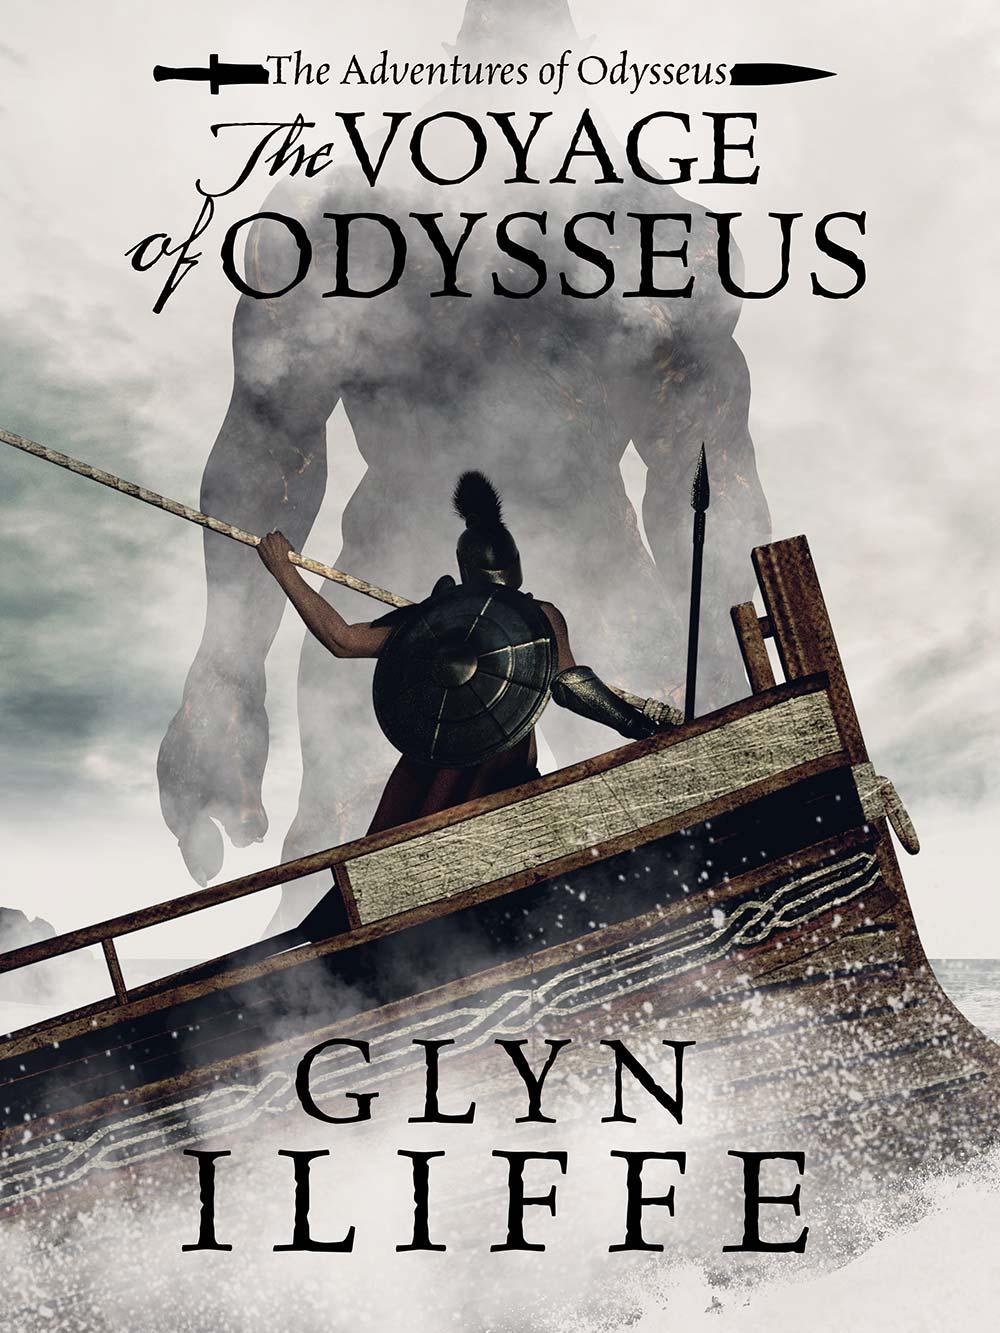 Voyage of Odysseus_Cover_e-book (2)